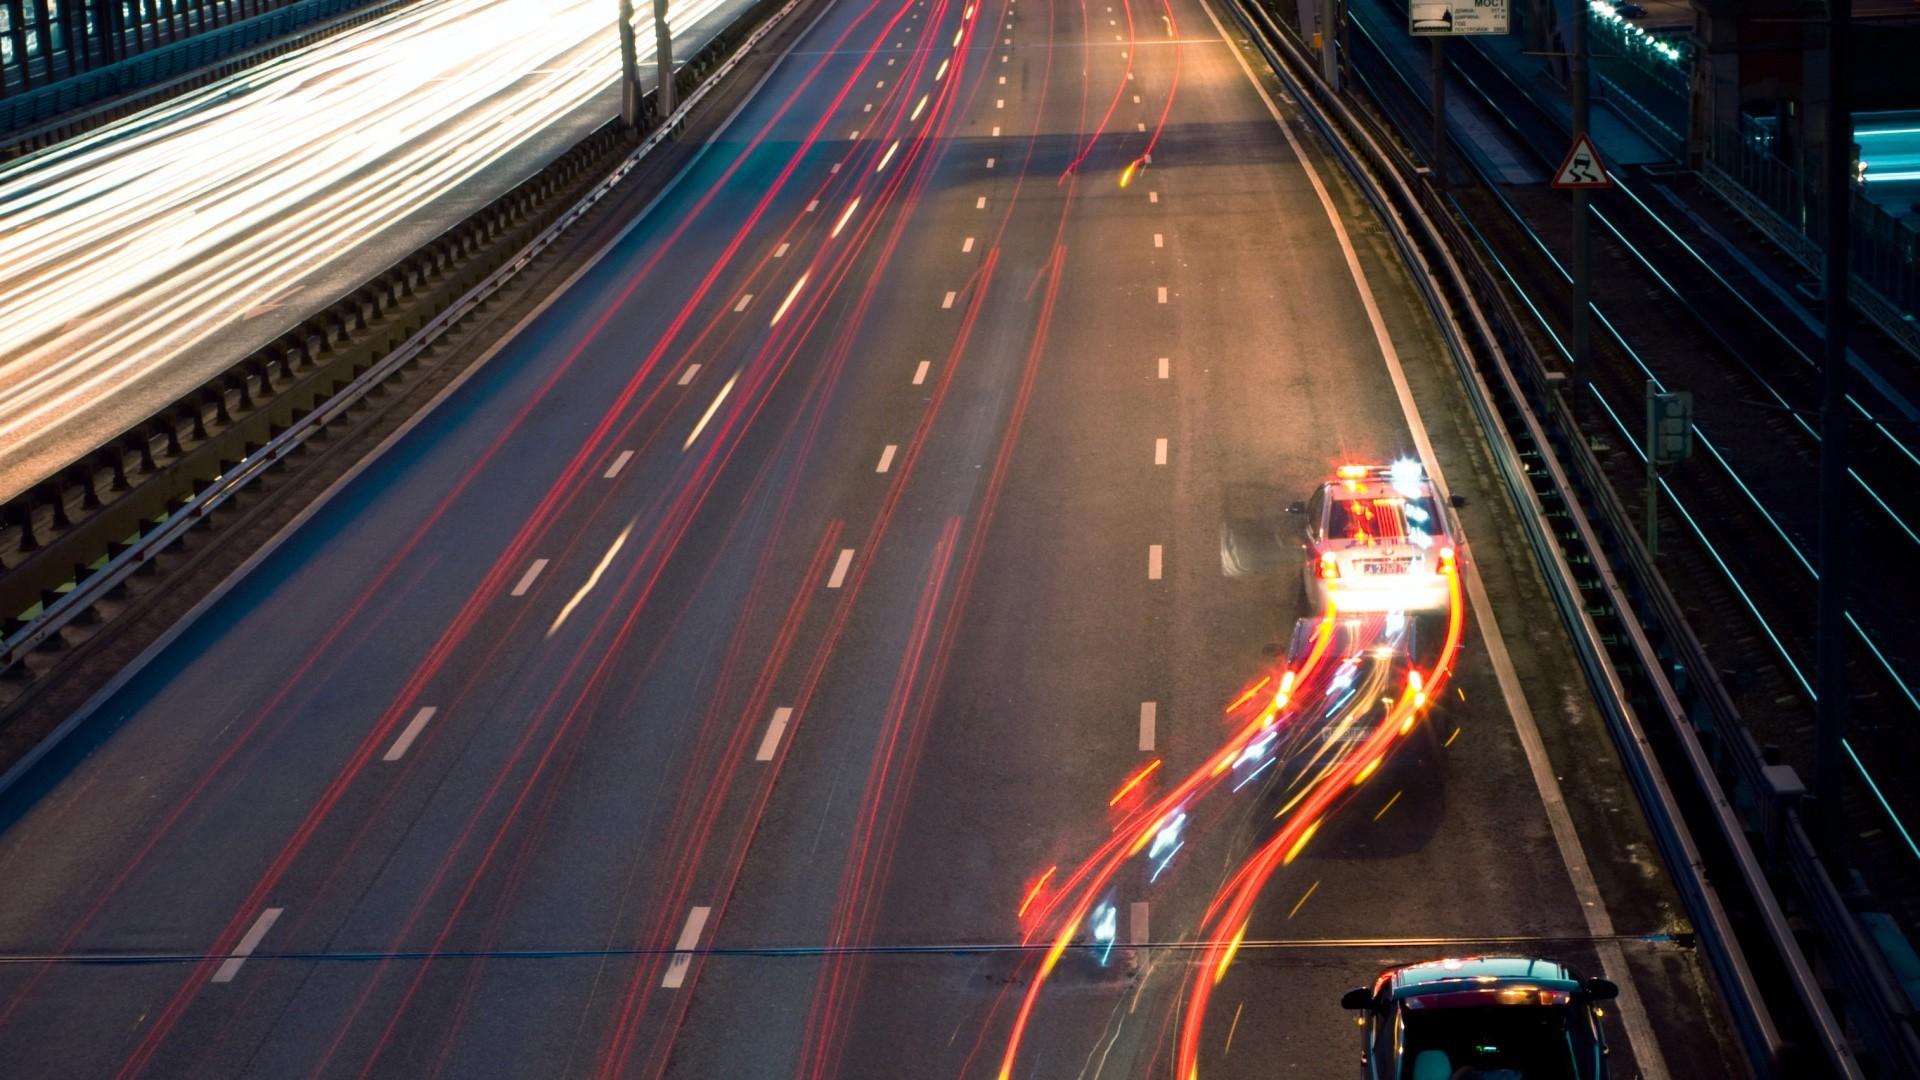 Wallpaper : Police, Night, Car, Road, Long Exposure